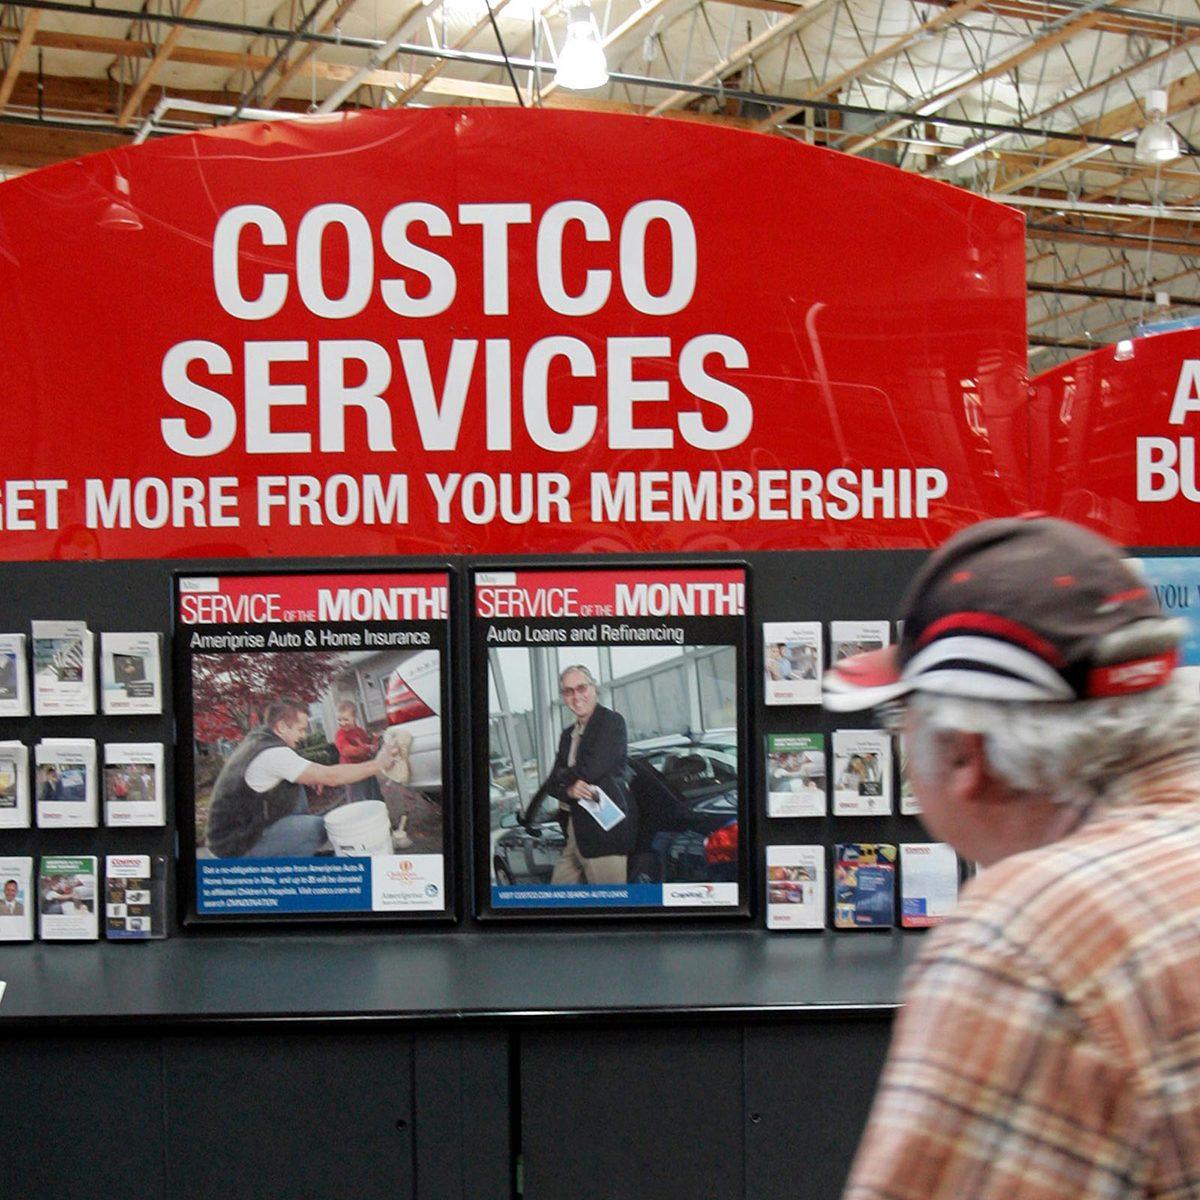 Costco services